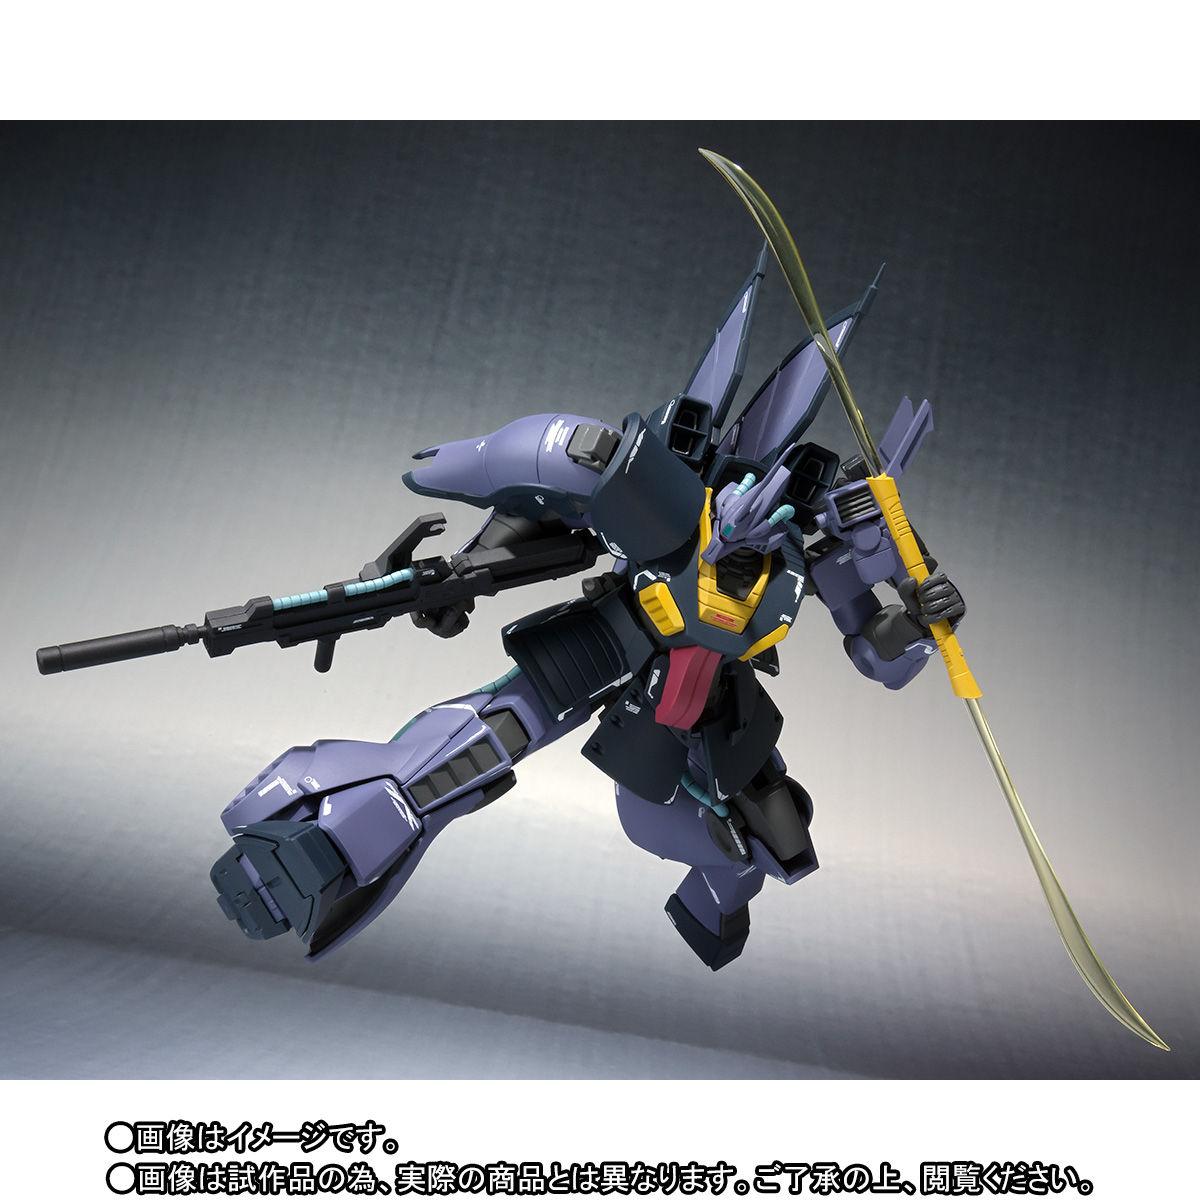 ROBOT魂(Ka signature)〈SIDE MS〉『ディジェ(ナラティブVer.)』機動戦士ガンダムNT 可動フィギュア-005